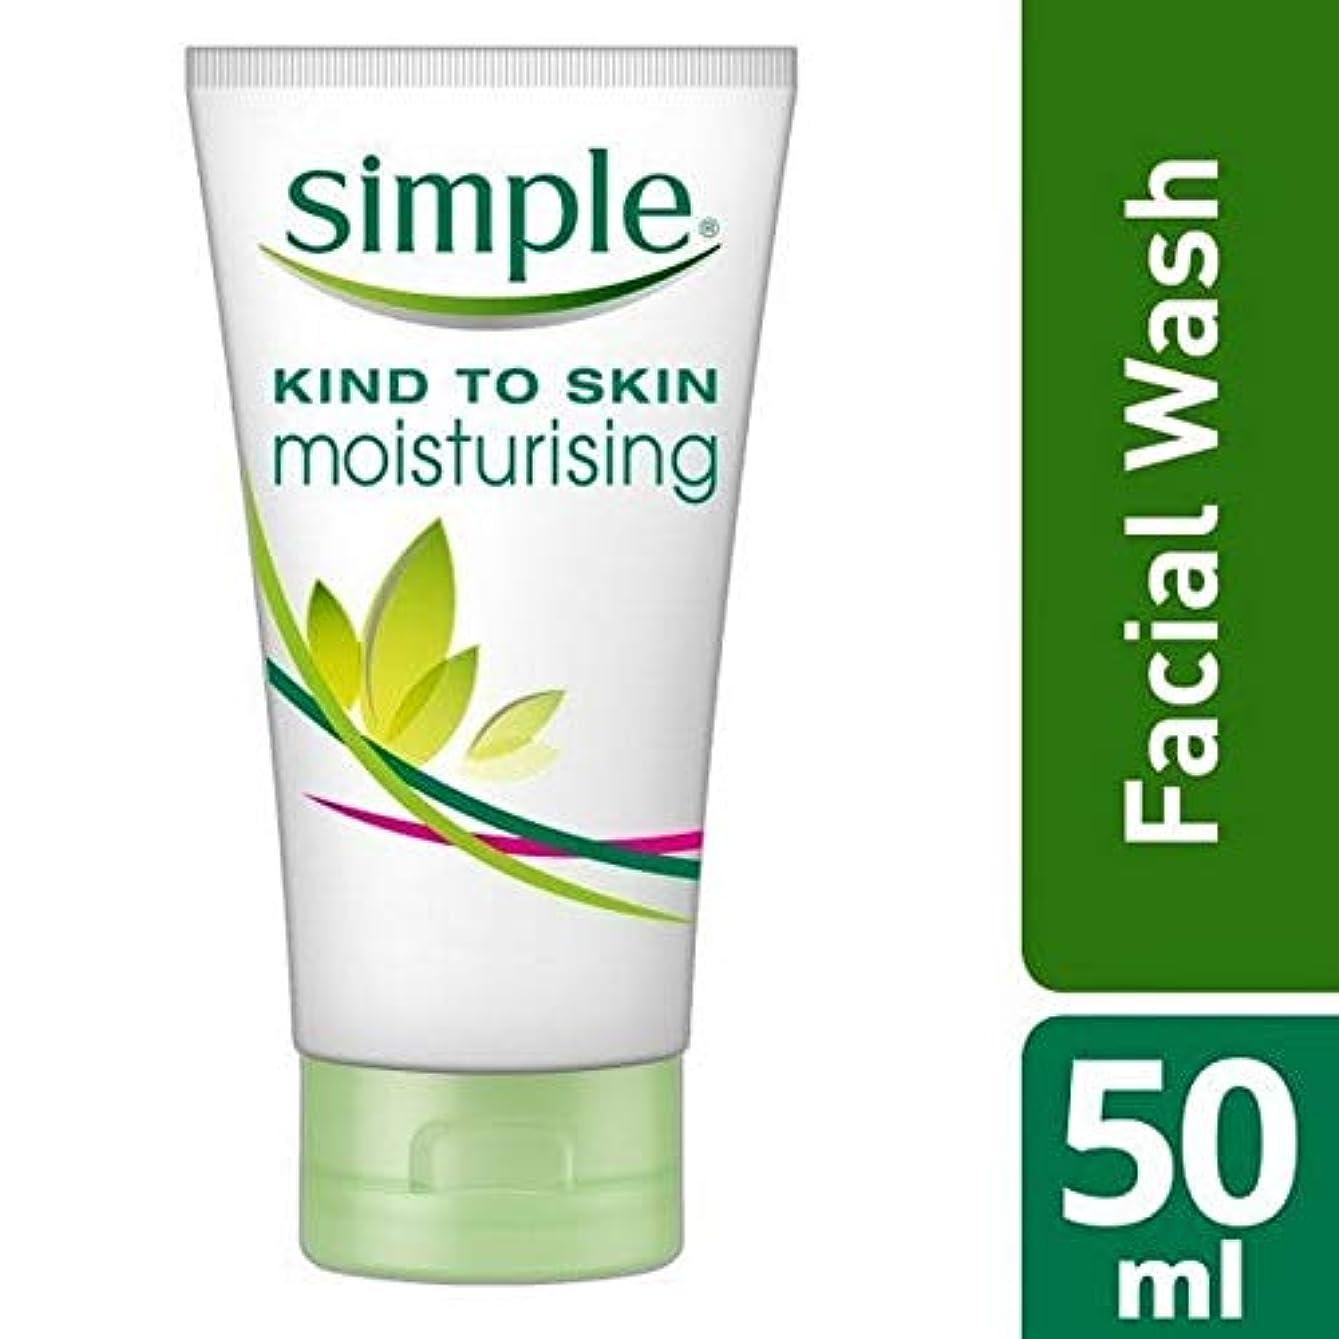 アルコーブ援助週末[Simple ] 洗顔50ミリリットルを保湿肌への単純な種類 - Simple Kind To Skin Moisturising Facial Wash 50ml [並行輸入品]